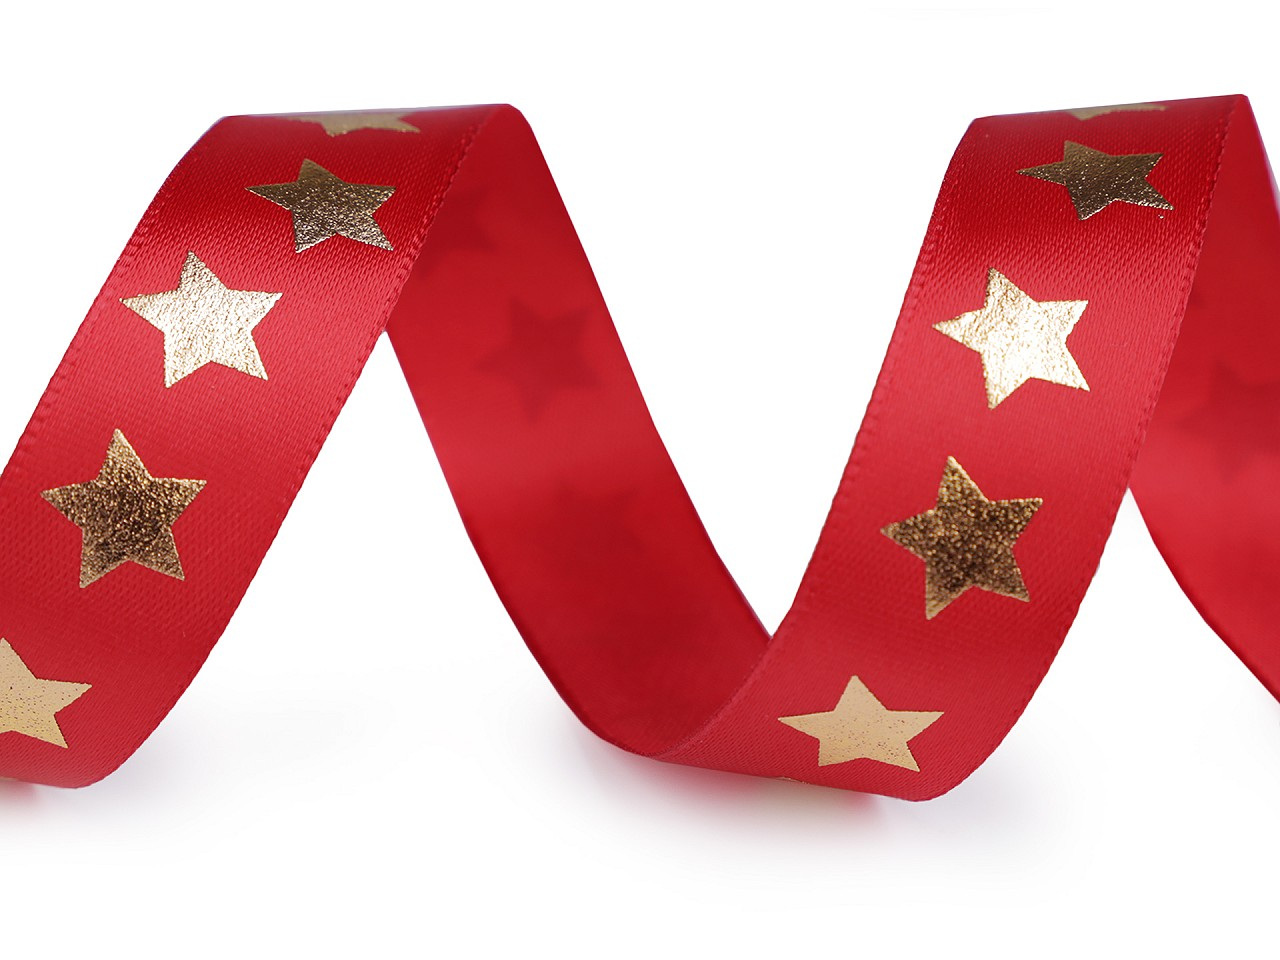 Saténová stuha hvězdy šíře 20 mm, barva 3 červená zlatá